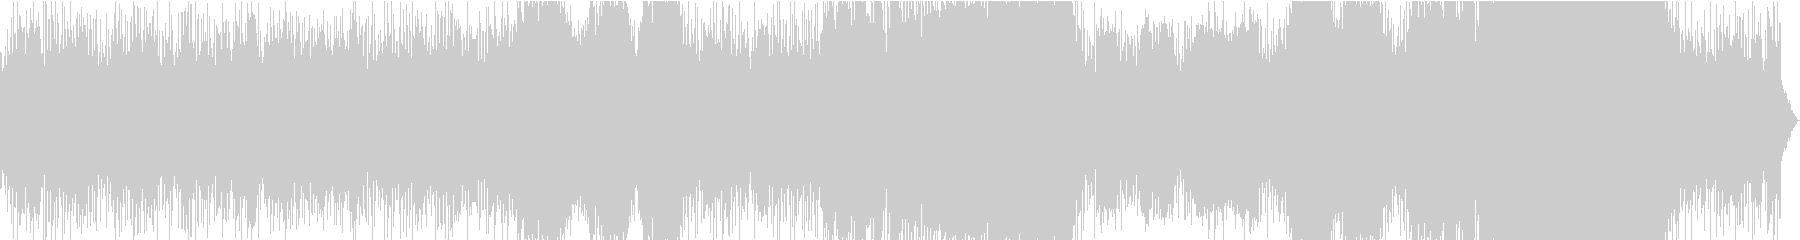 シーケンス サスペンスフル01の未再生の波形